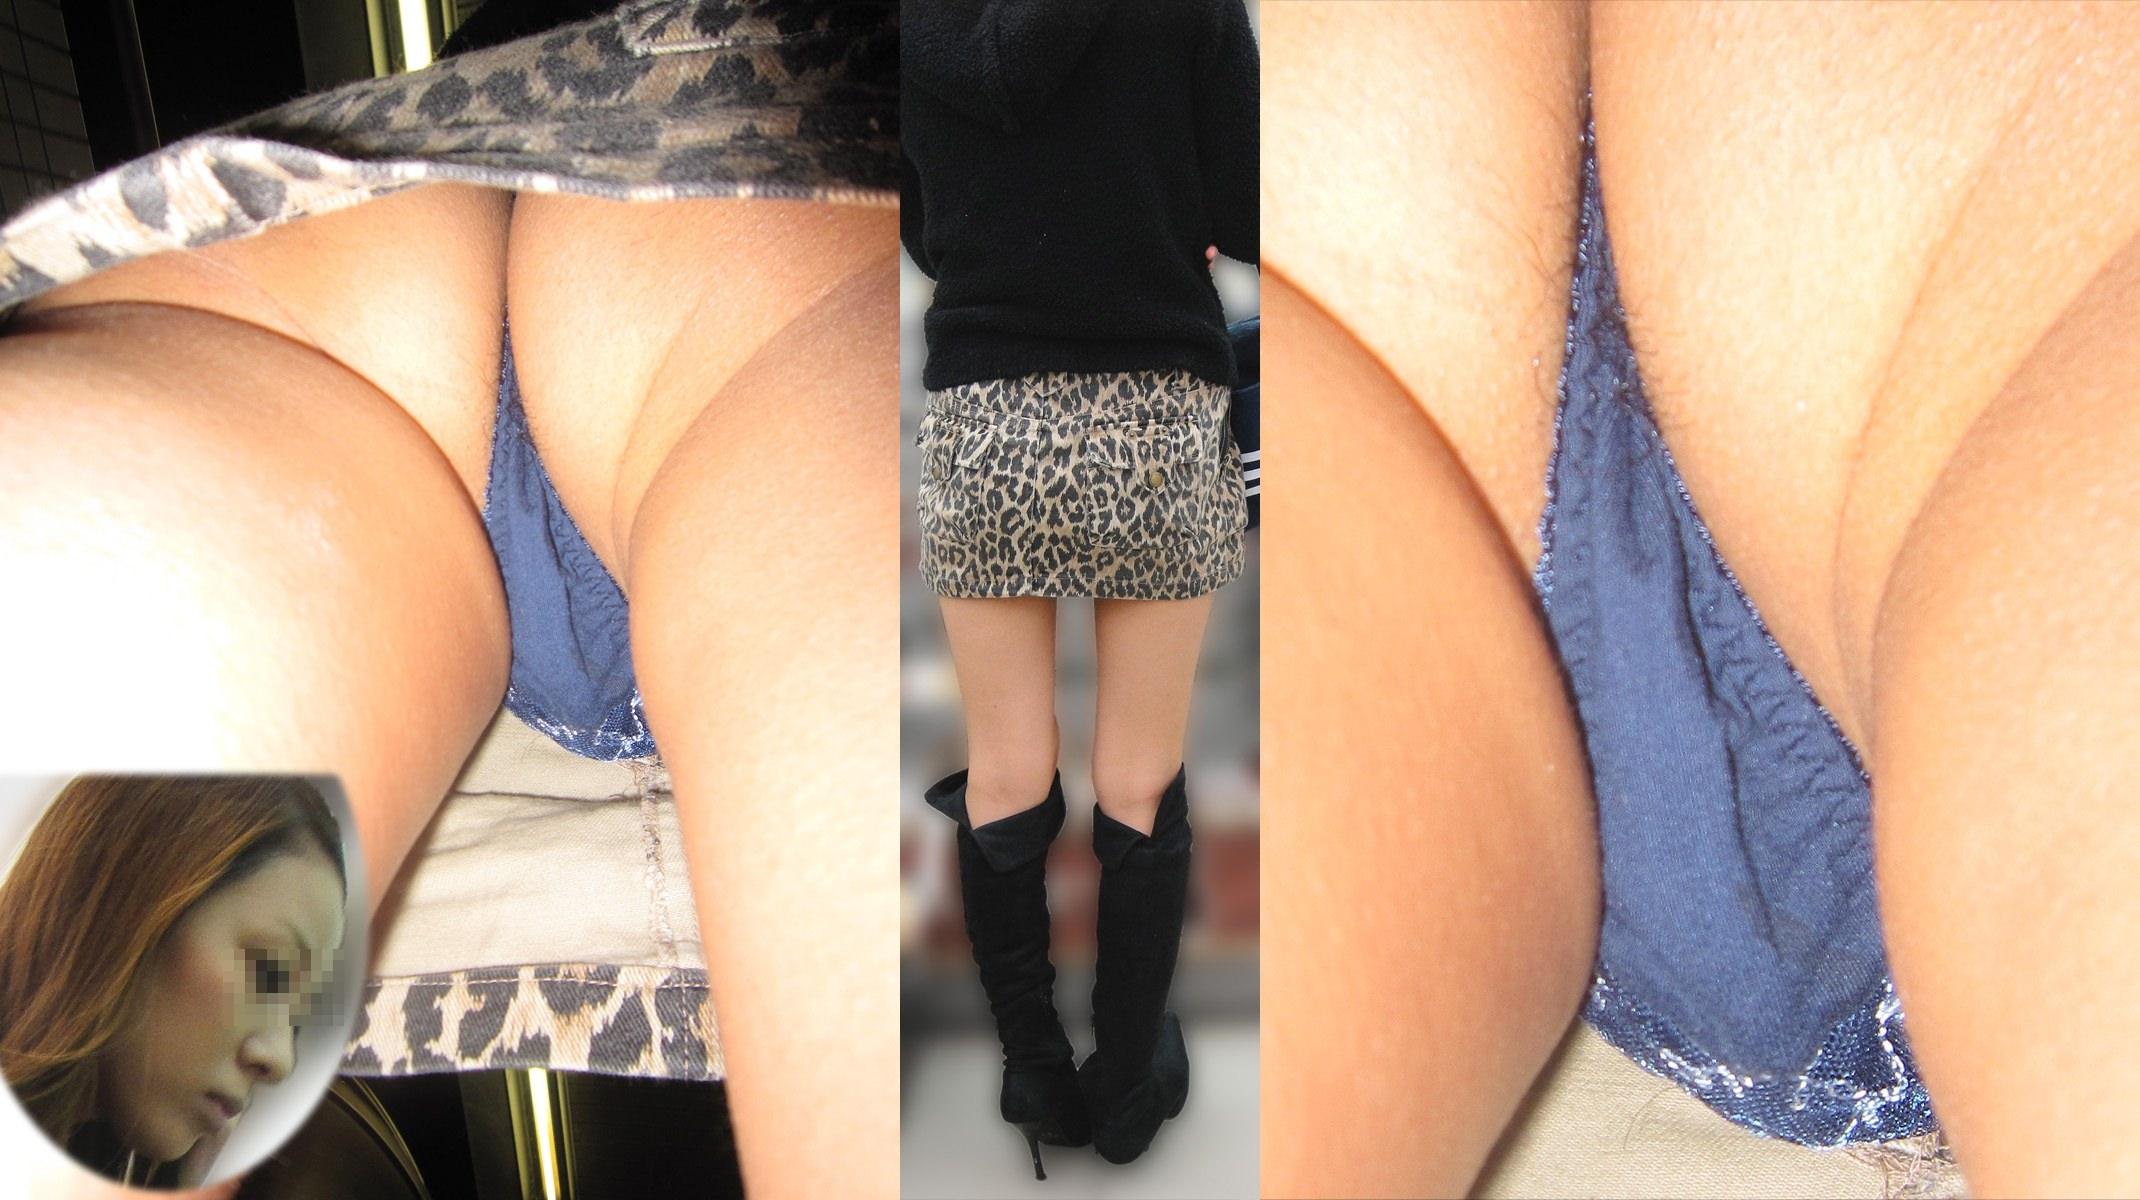 Tバックとかいうエロい下着を履いた素人女性www逆さ撮りパンチラこっそり撮影wwwwwww 1521 1